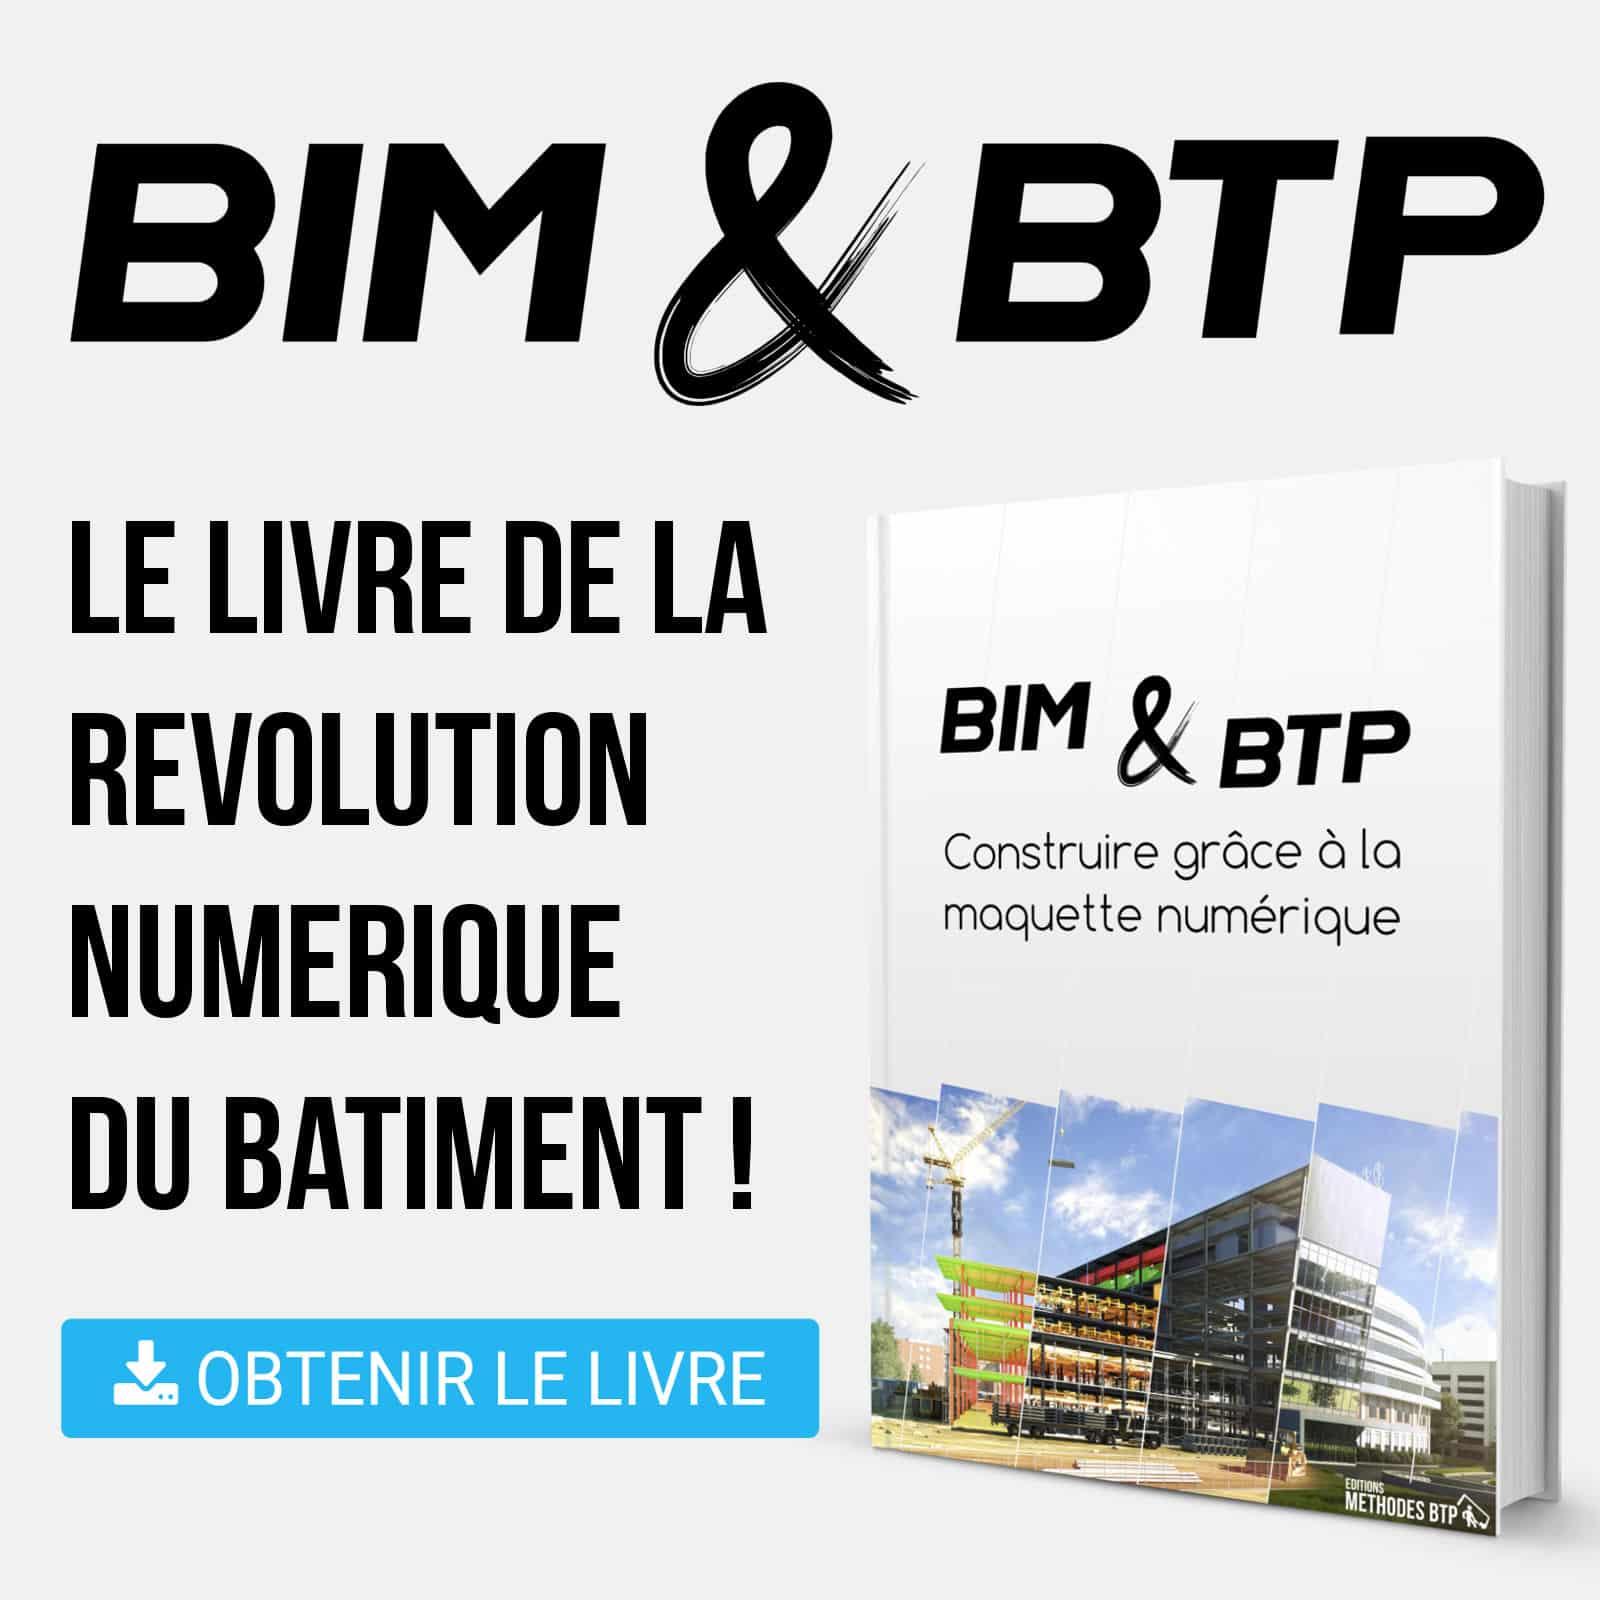 BIM & BTP / Le livre